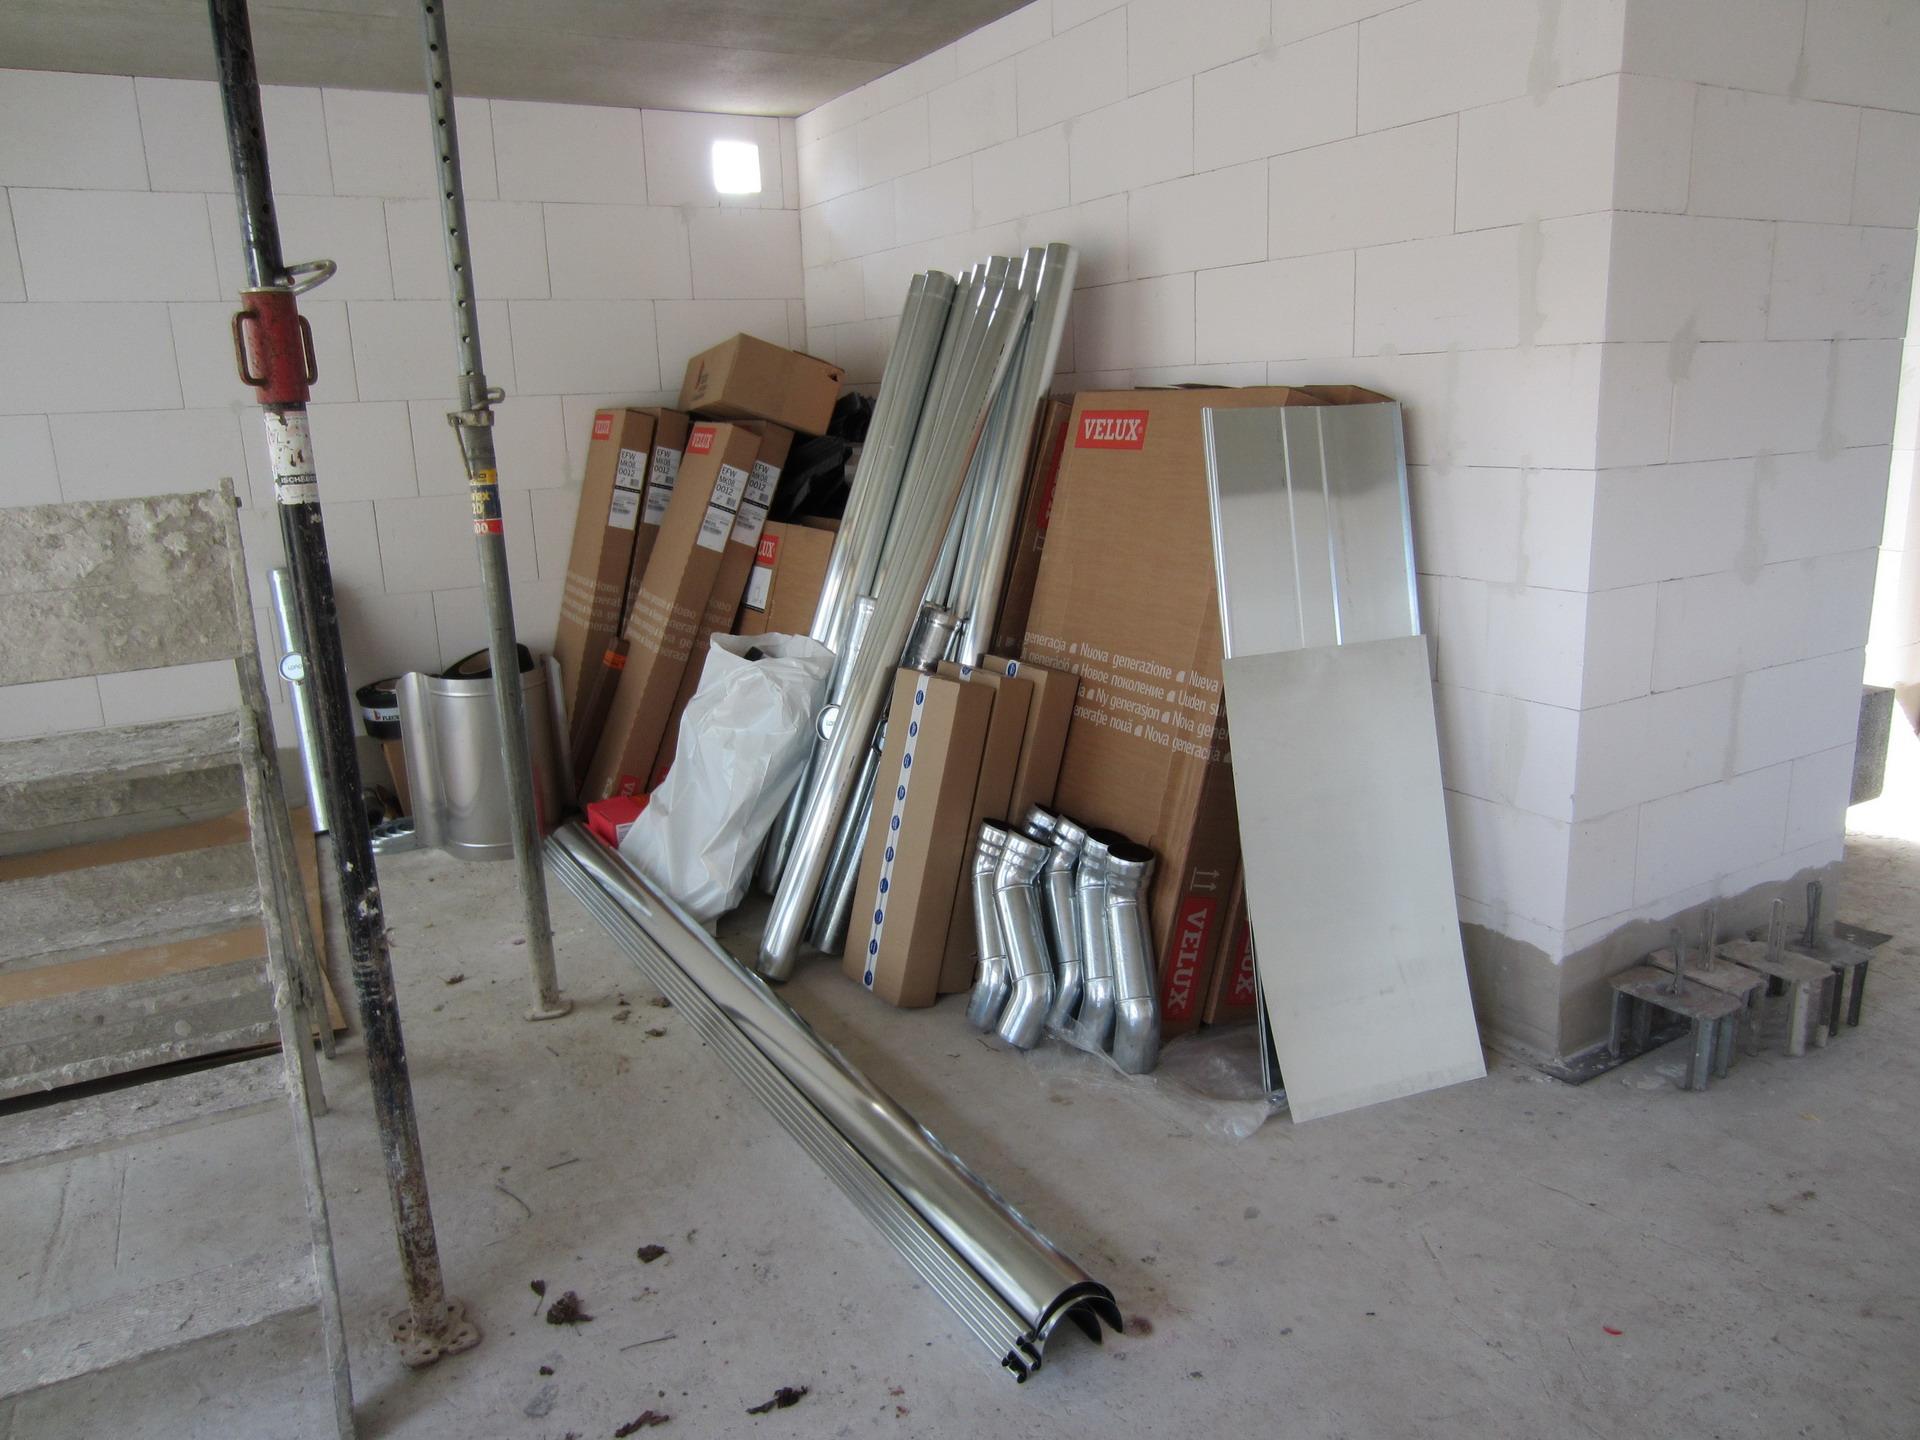 tropfkante garage wir bauen 39 am lusthaus 39. Black Bedroom Furniture Sets. Home Design Ideas